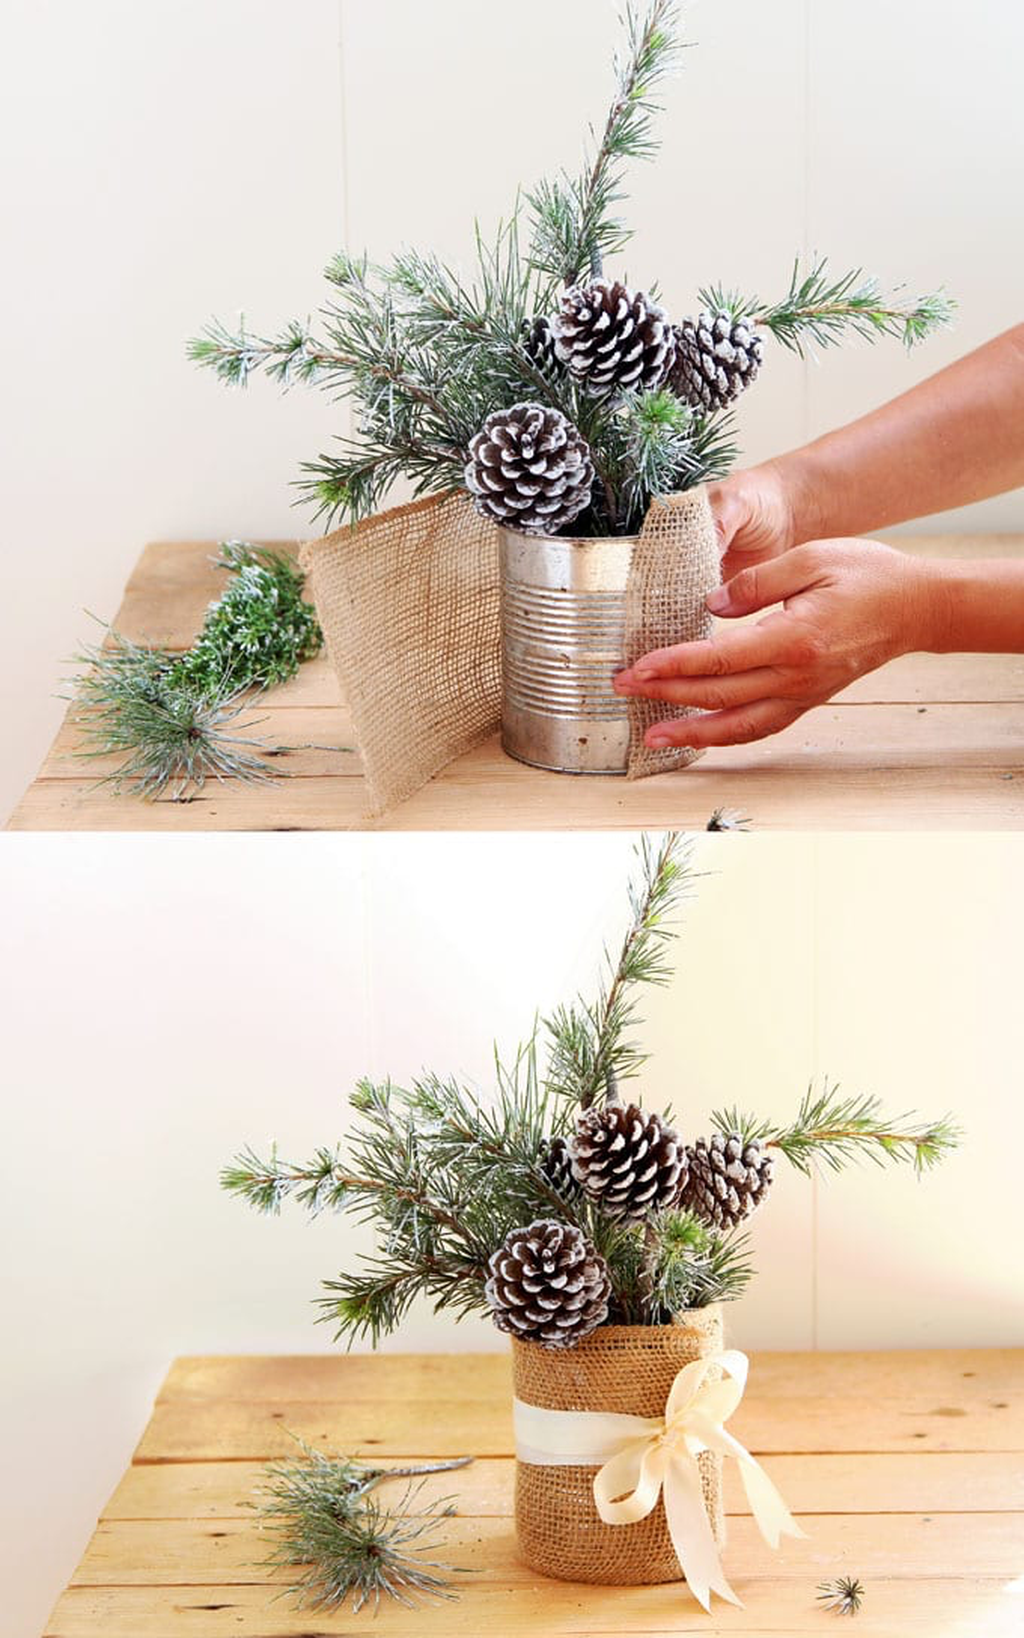 59 DIY Christmas Decor Ideas For The Table #diychristmasdecor